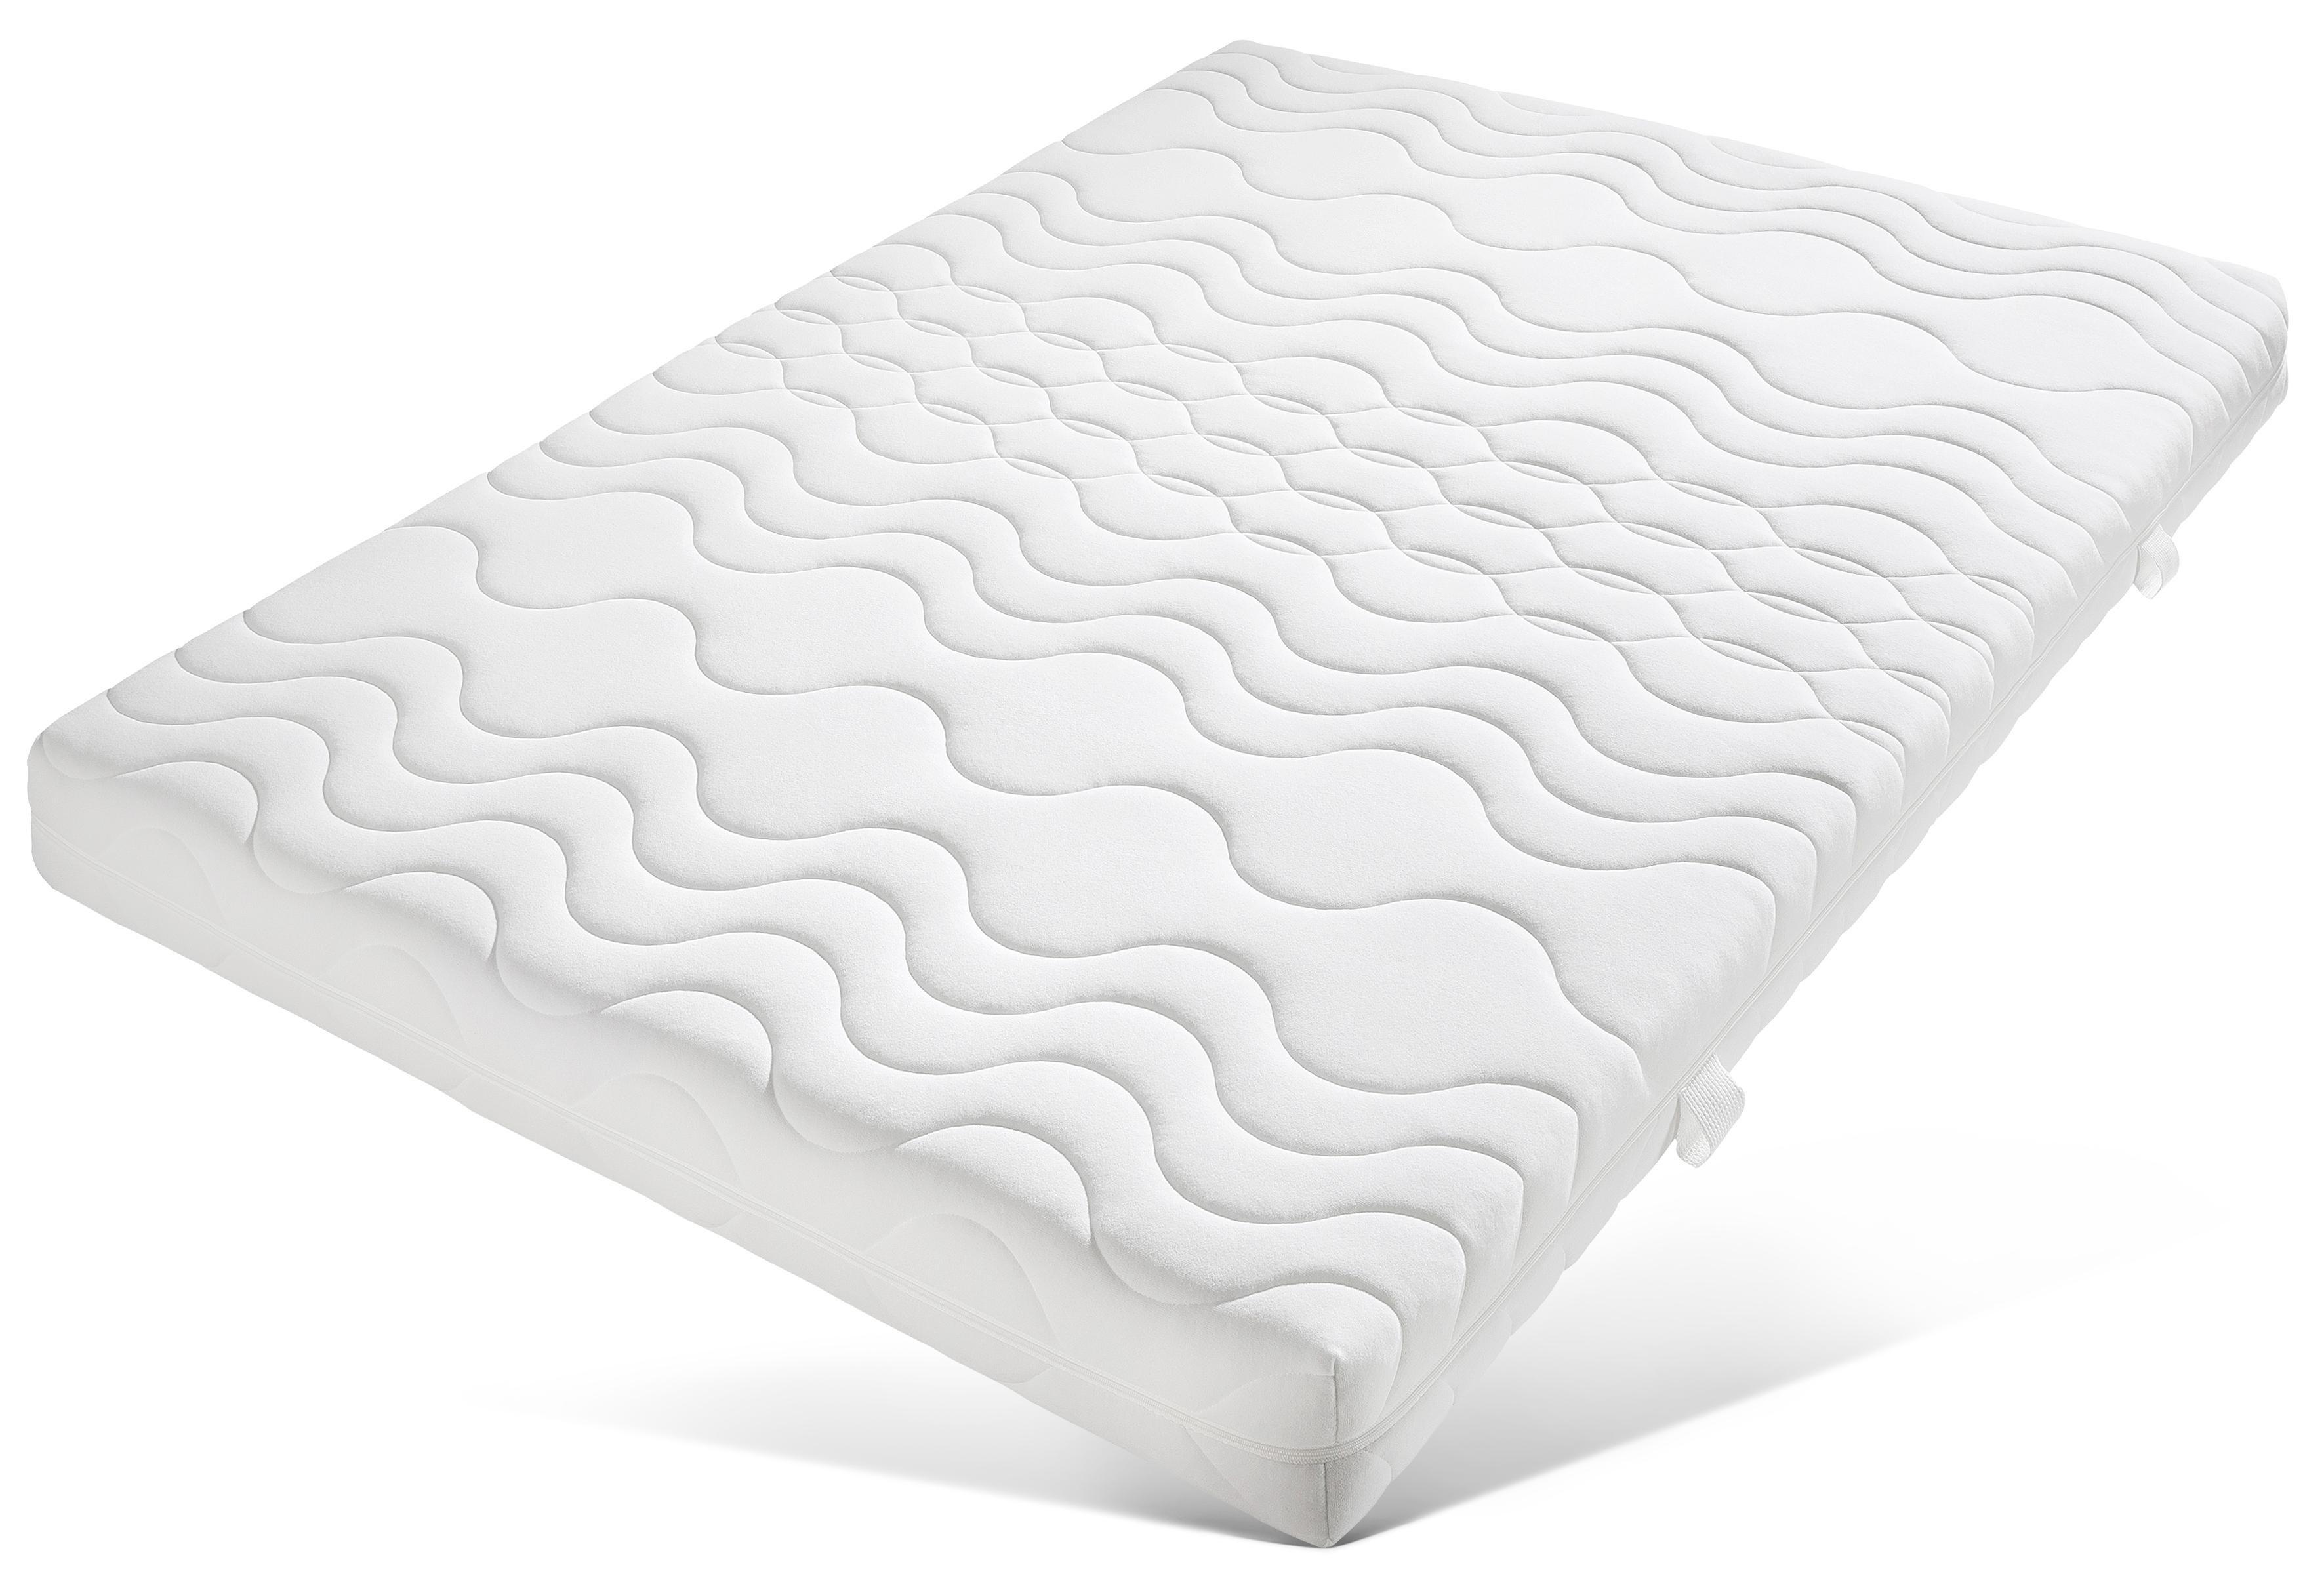 Beco EXCLUSIV comfortschuimmatras Frotté KS Alle maten & hardheden = 1 voordeelprijs hoogte 16 cm bij OTTO online kopen